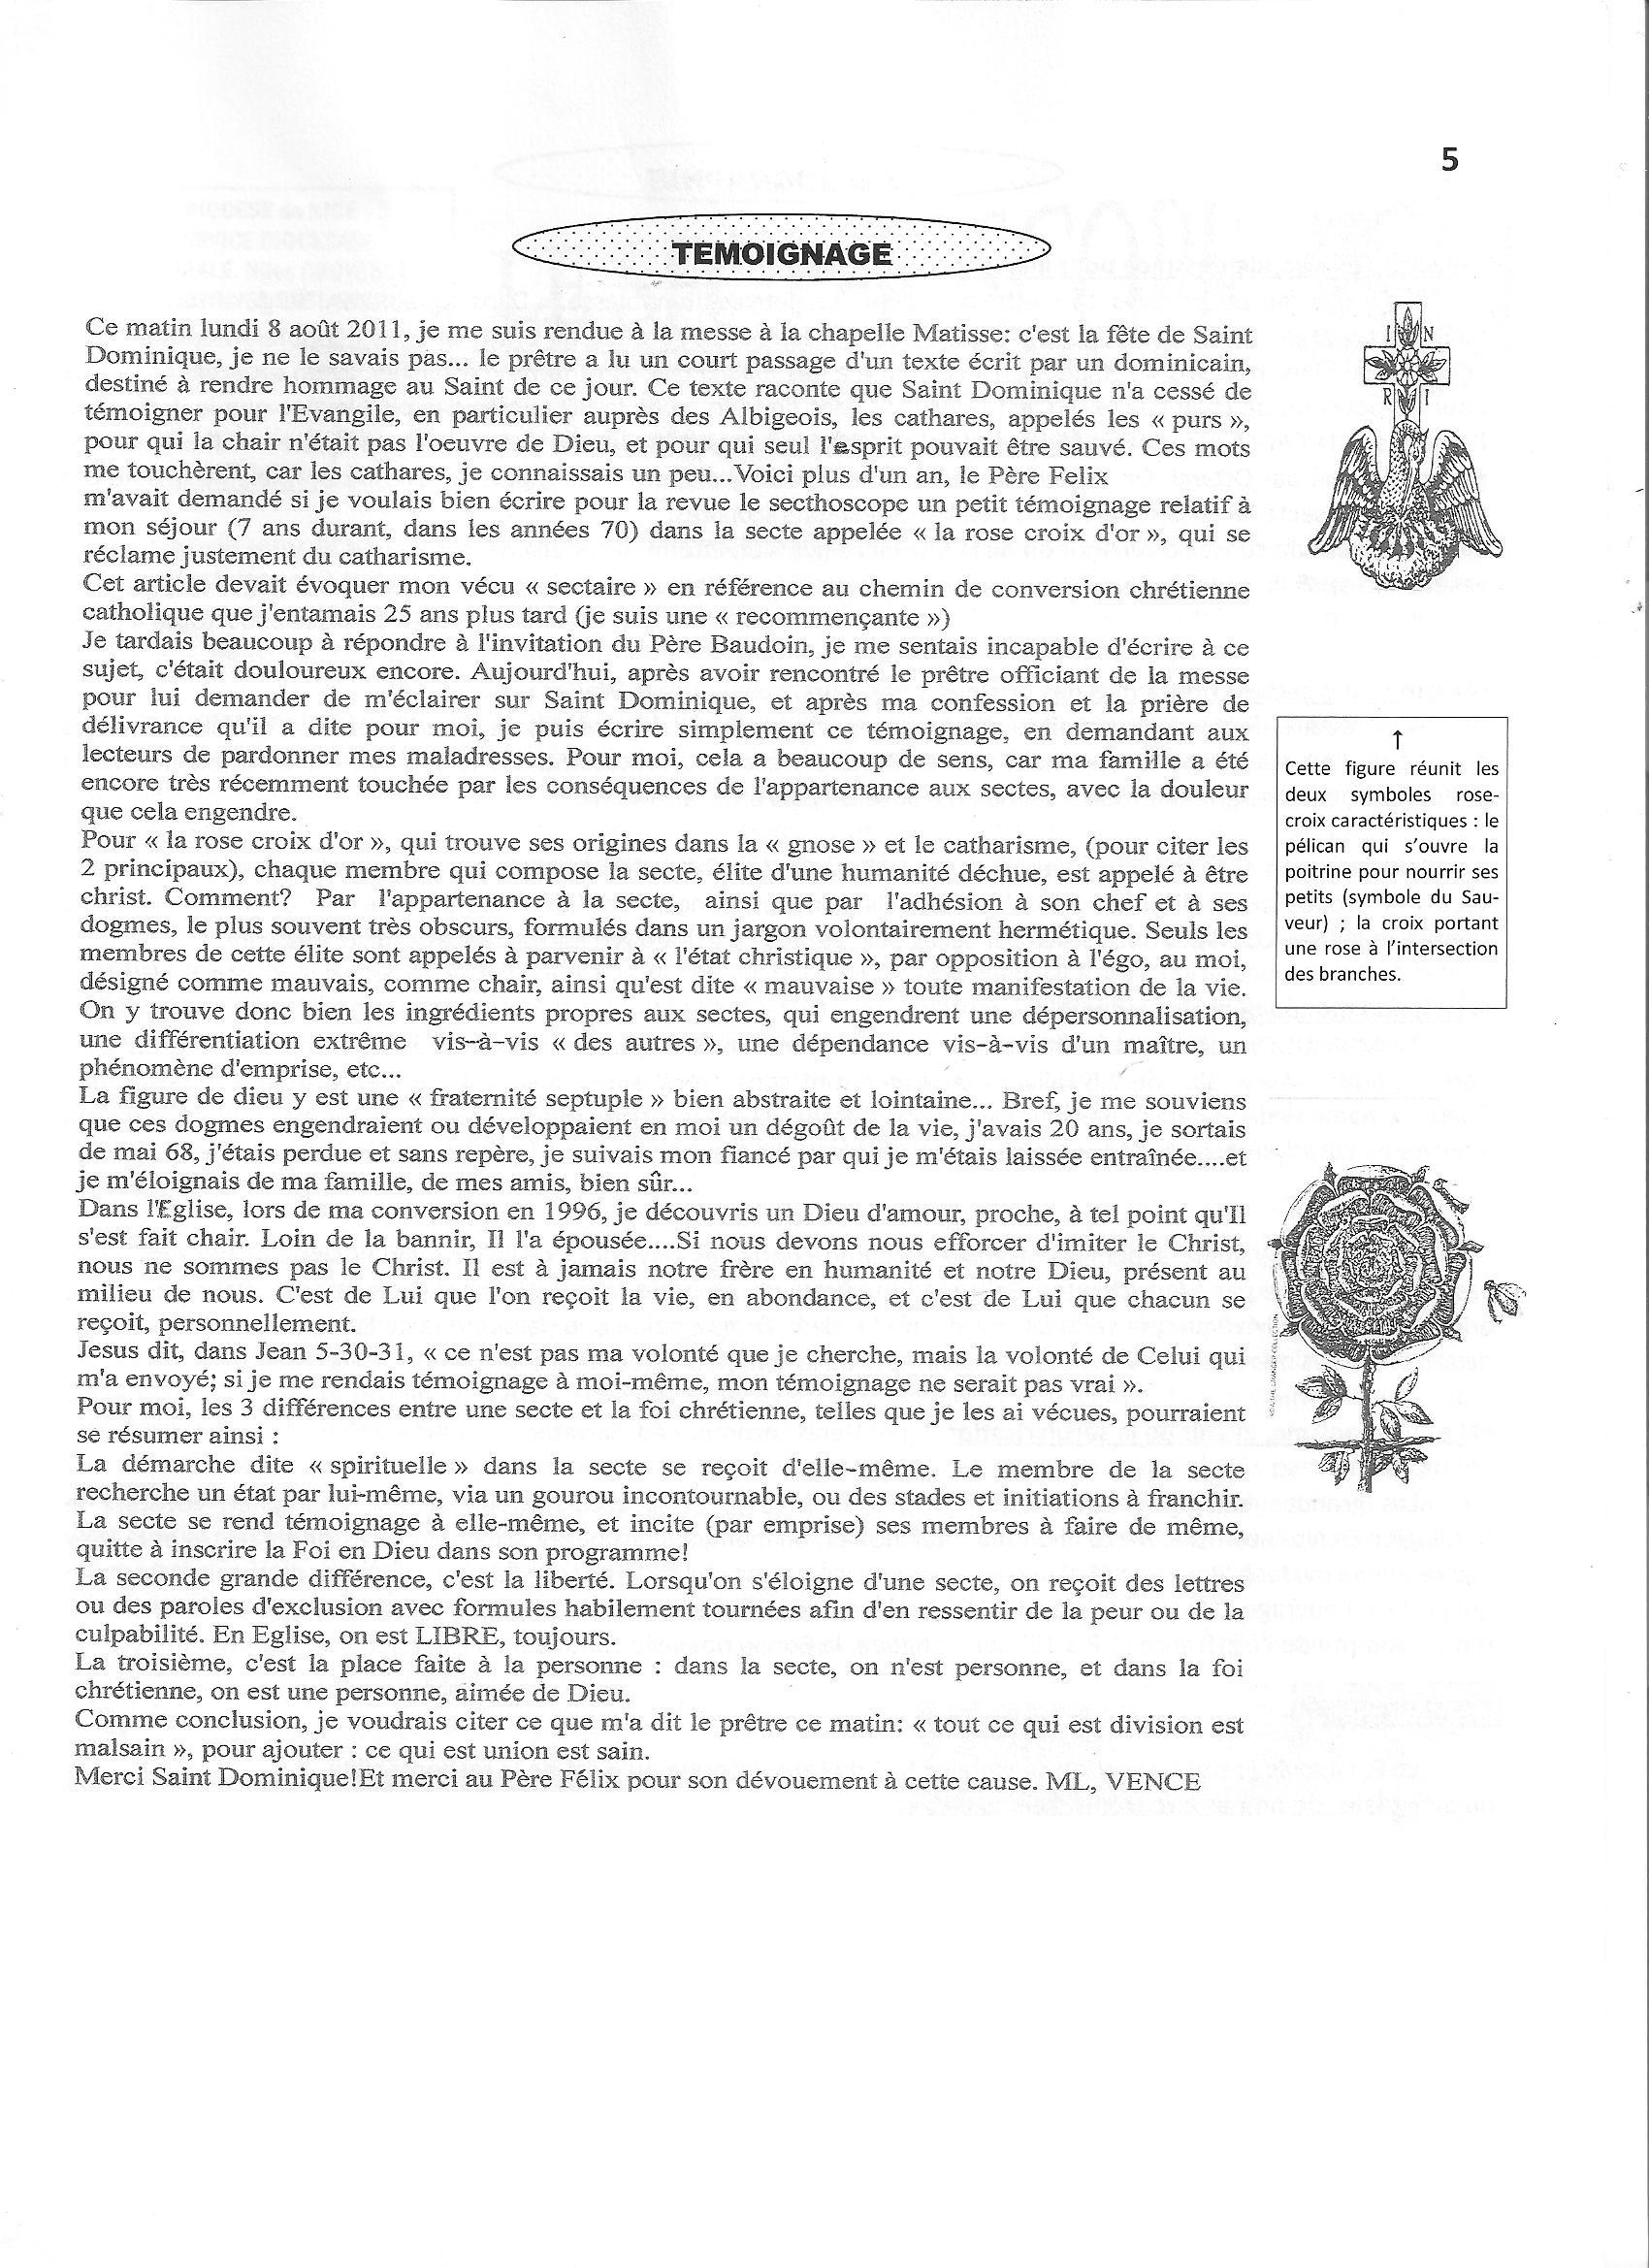 Pastorale Nouvelles Croyances Et Derives Sectaires 72 Esoterisme